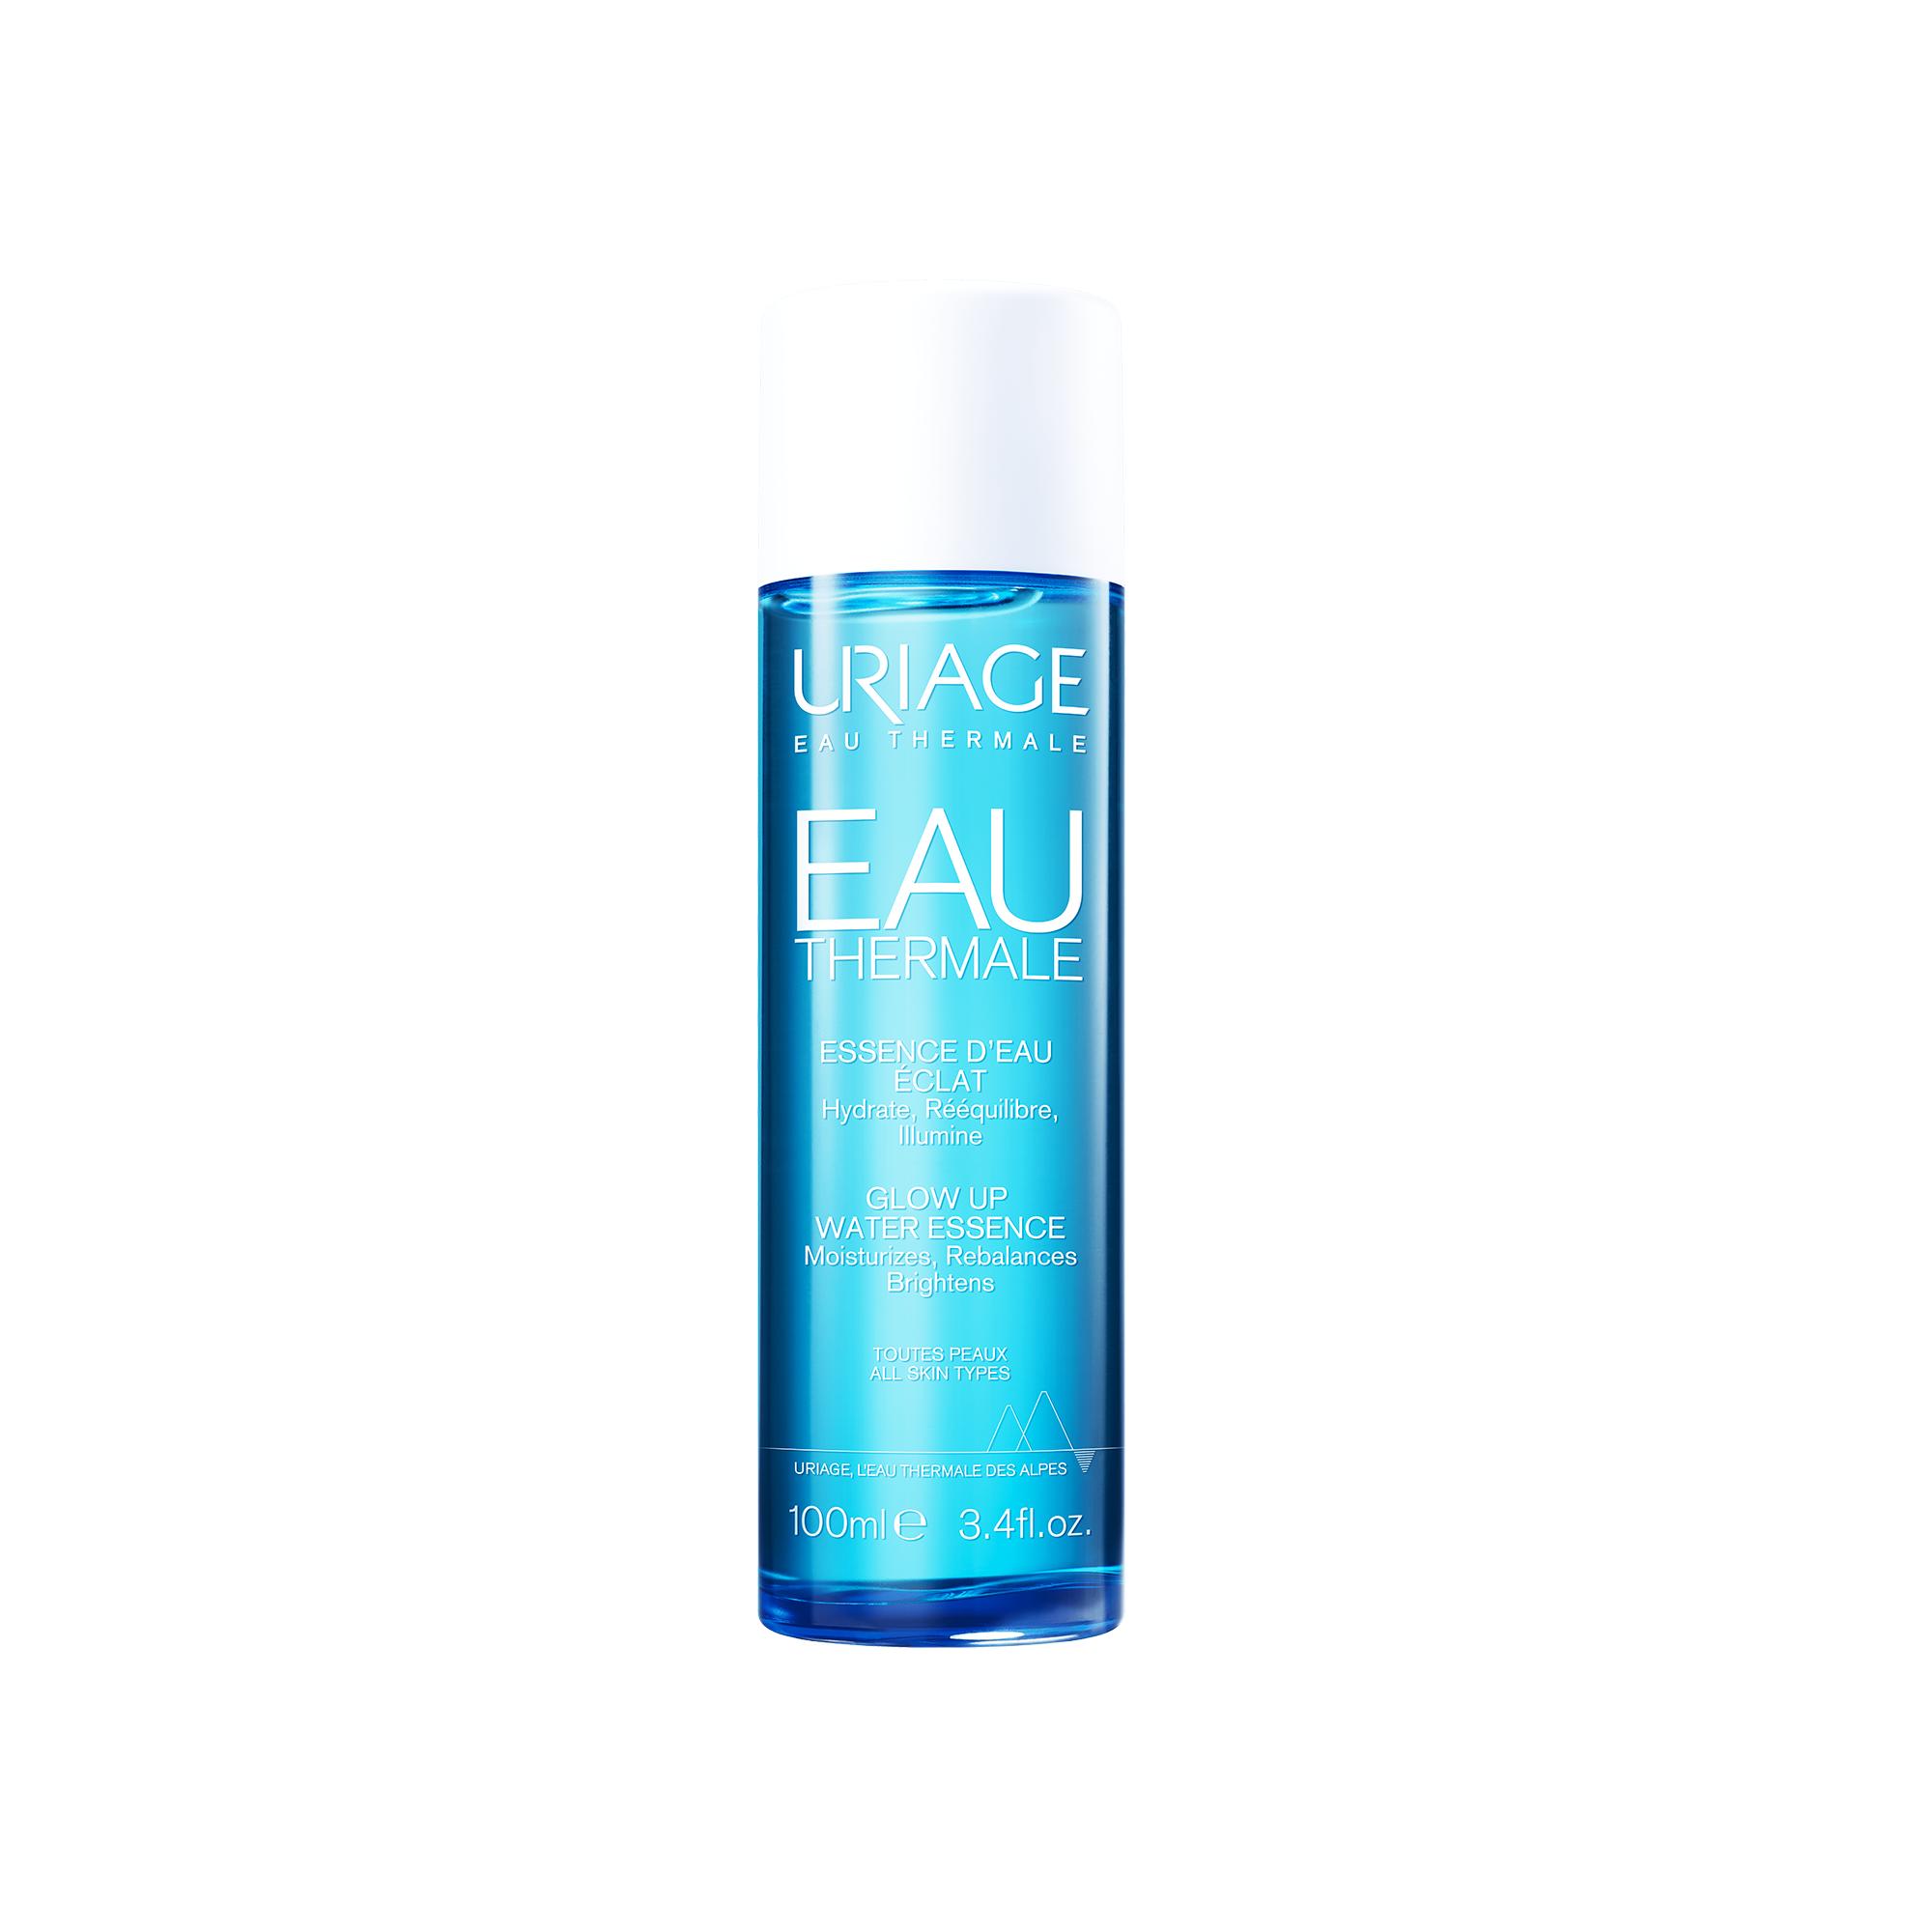 Uriage Eau Thermale Glow up Water Essence Χαρίζει Εντατική Ενυδάτωση Αποκαλύπτοντας τη Φυσική Λάμψη του Δέρματος 100ml